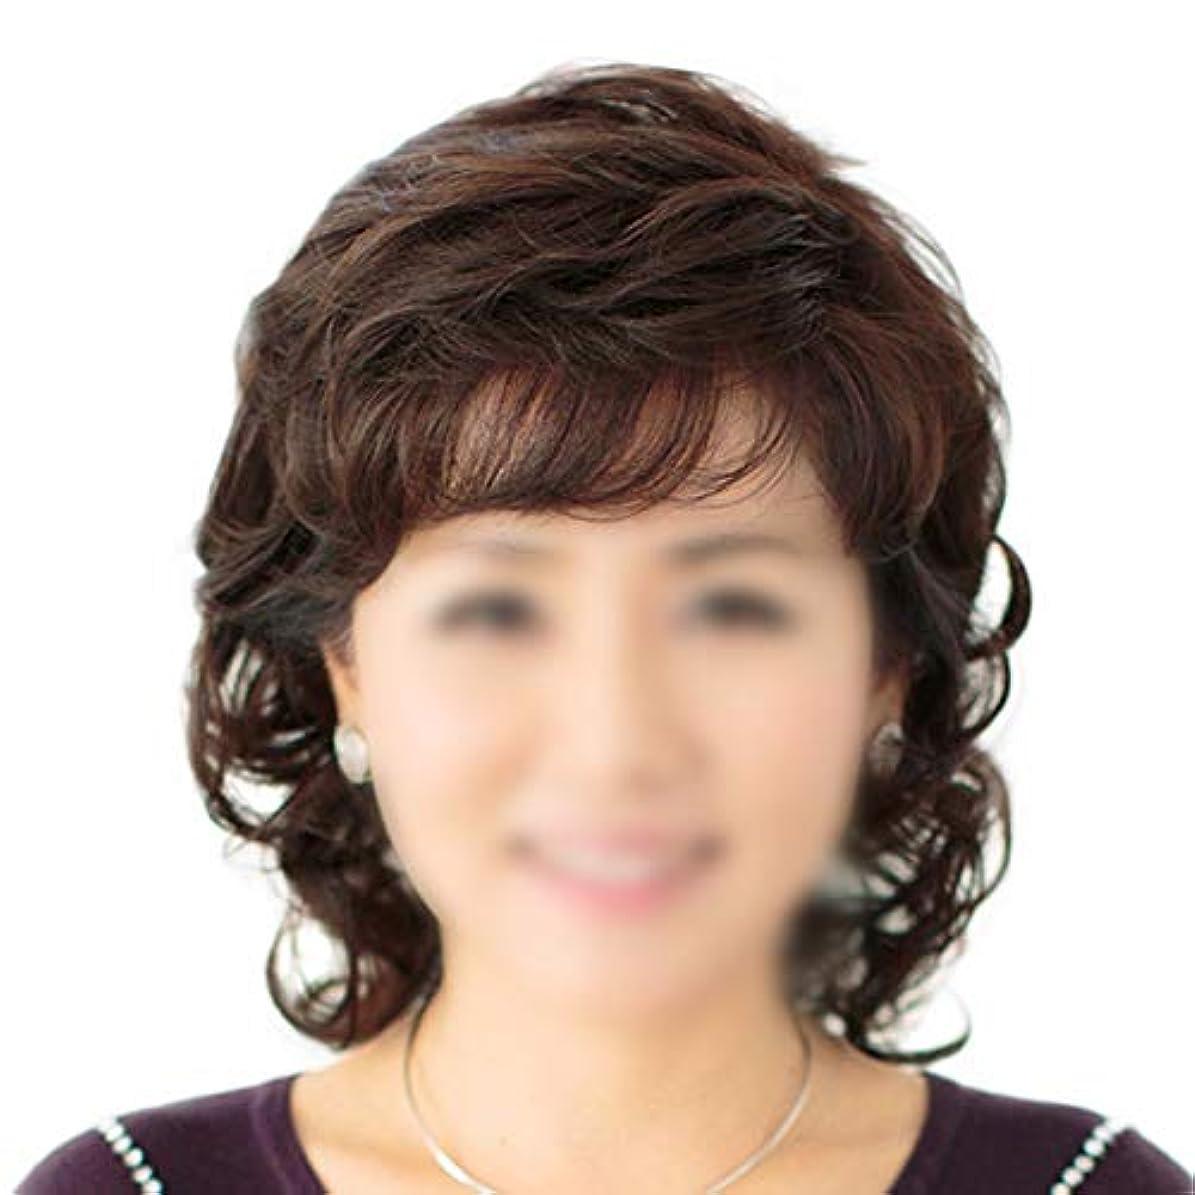 サイトライン性差別口頭YOUQIU 母のギフト中東や旧ウィッグかつら女性のショートウェービーヘアリアルタイムヘアエクステンション (色 : Natural black, サイズ : Mechanism)